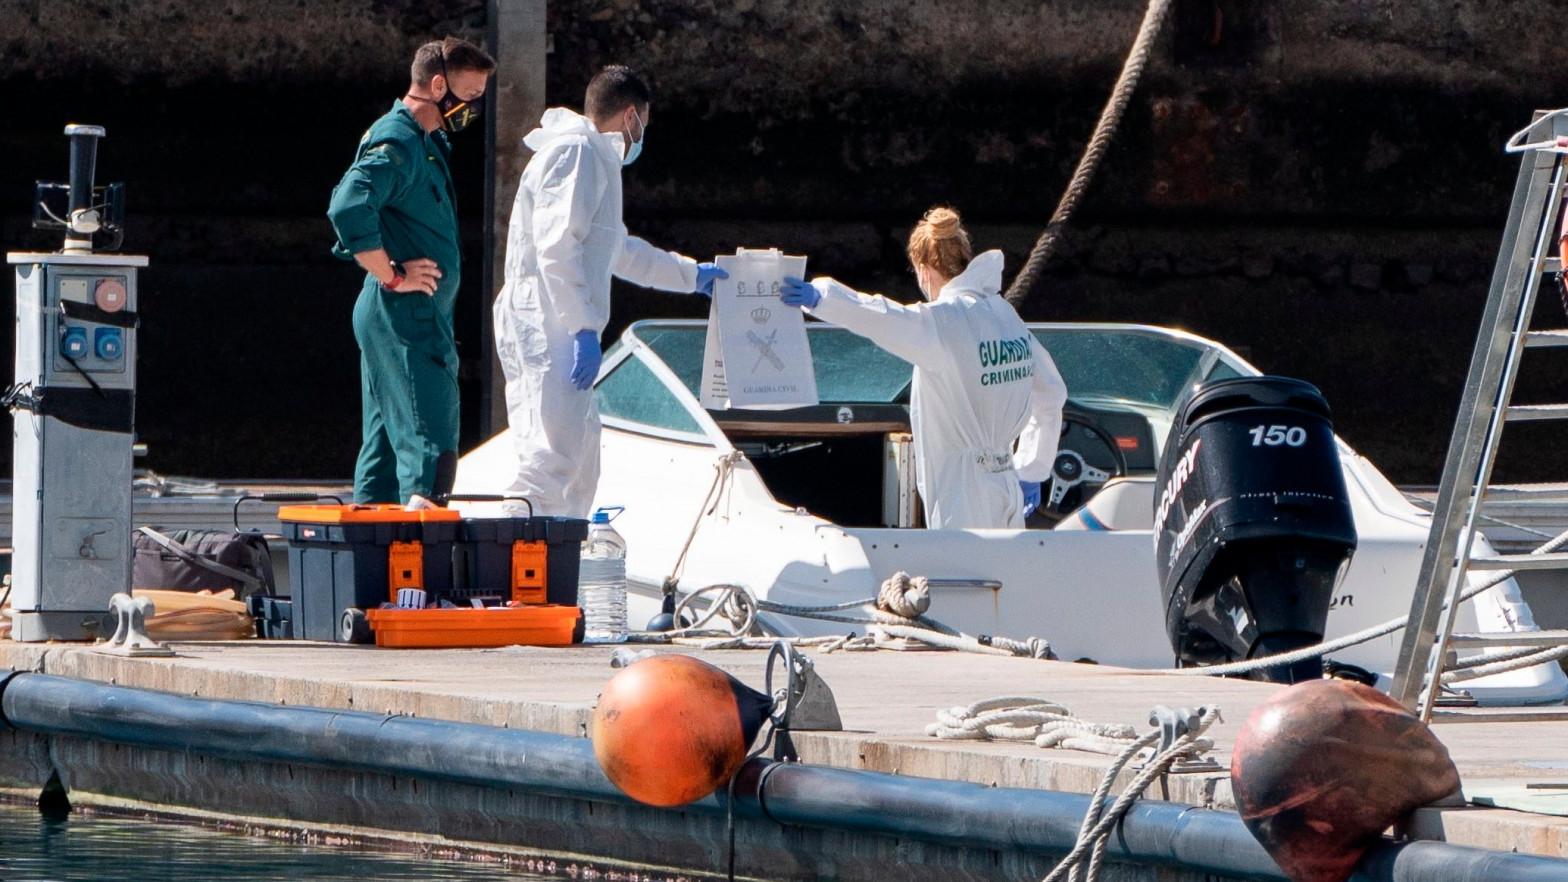 Hallan restos de sangre en el barco del padre desaparecido con sus hijas en Tenerife